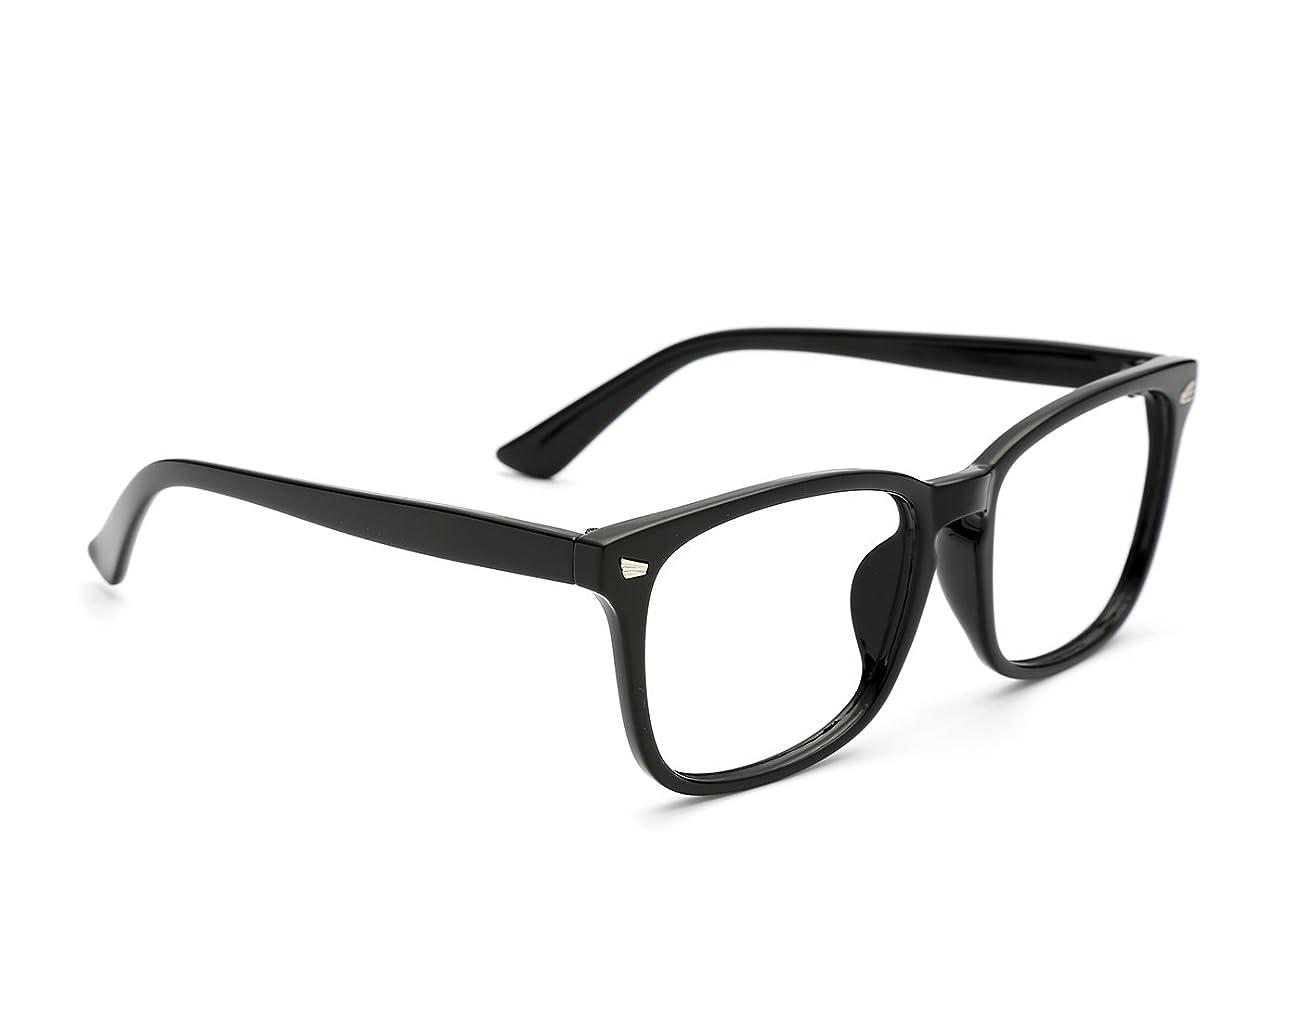 TIJN Unisex Wayfarer Non-prescription Glasses Frame Clear Lens Eyeglasses 1